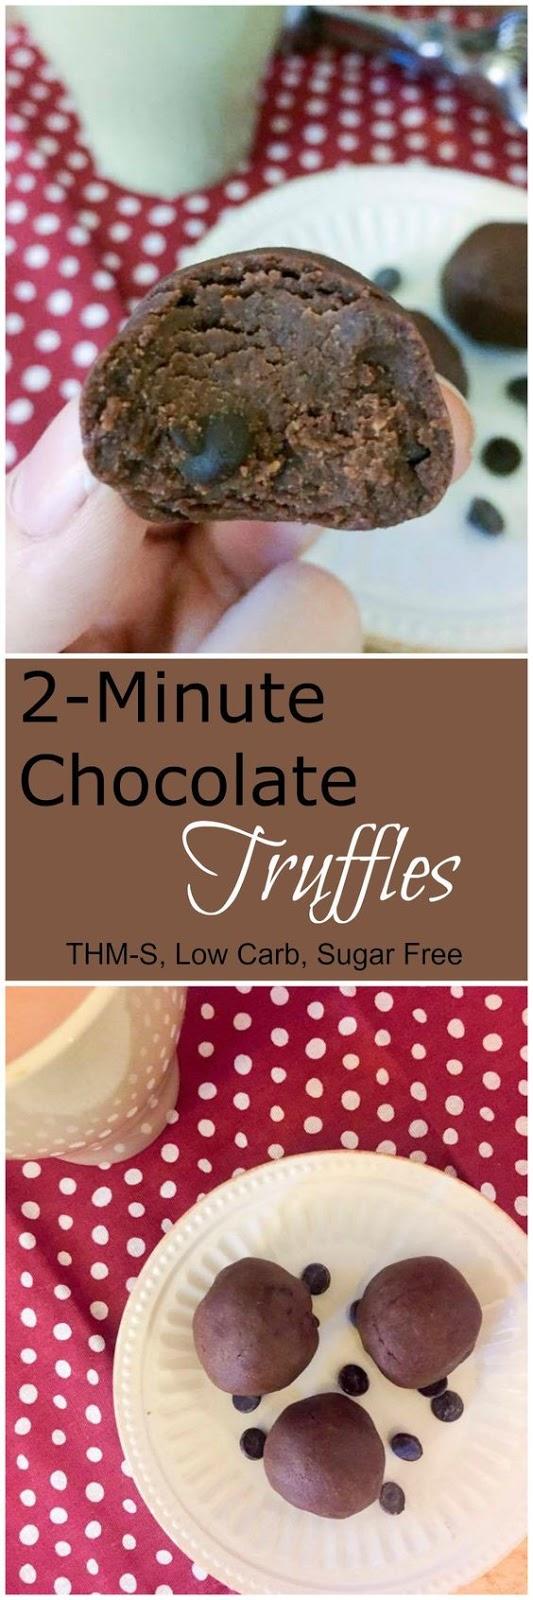 2 Minute Chocolate Truffles Recipe